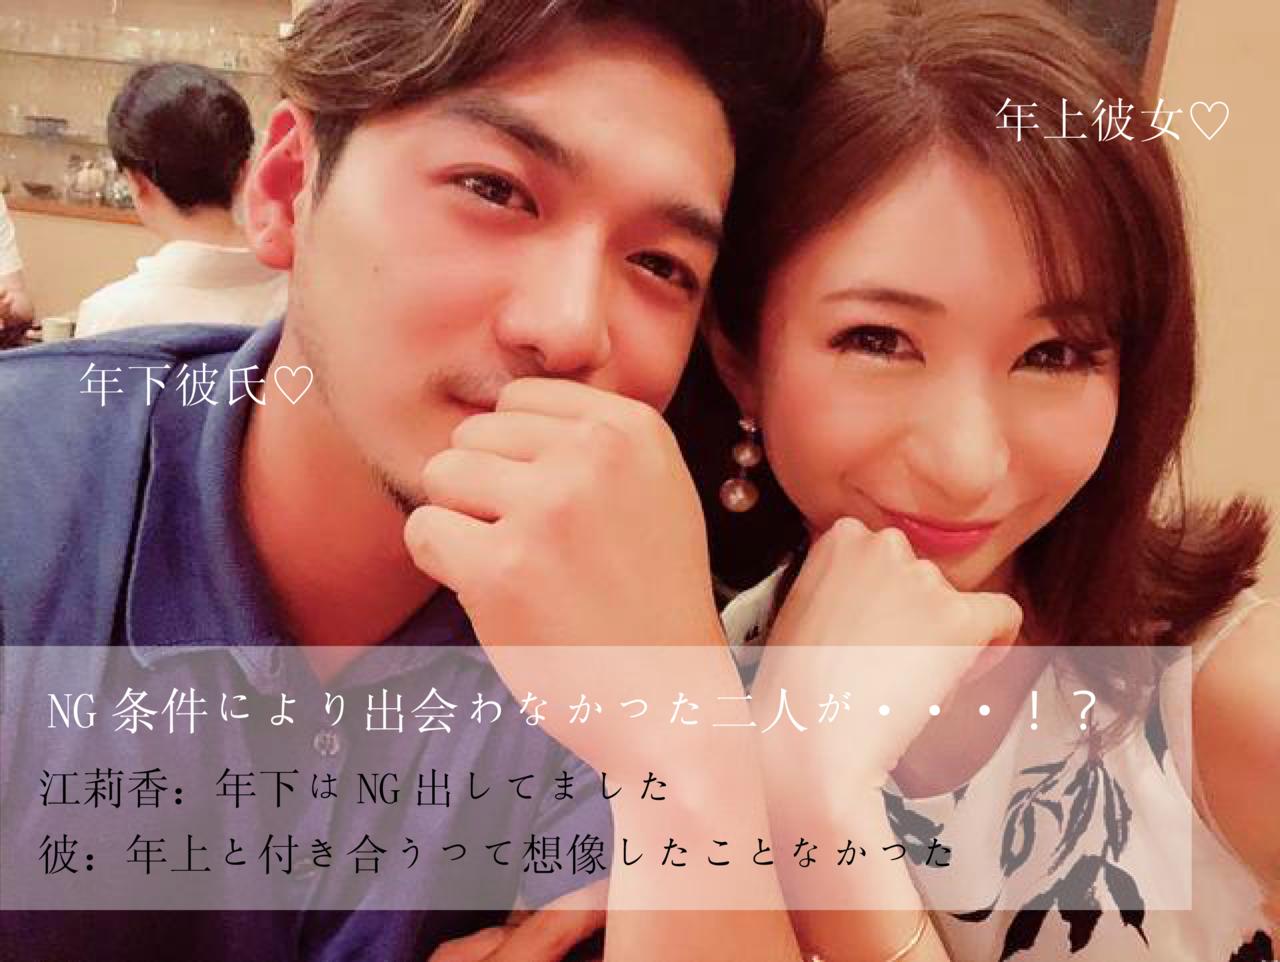 「『いきなりマリッジ2』お互いNG出してた相手だったんです。」中村江莉香 Influencer Girl  - BLANCA